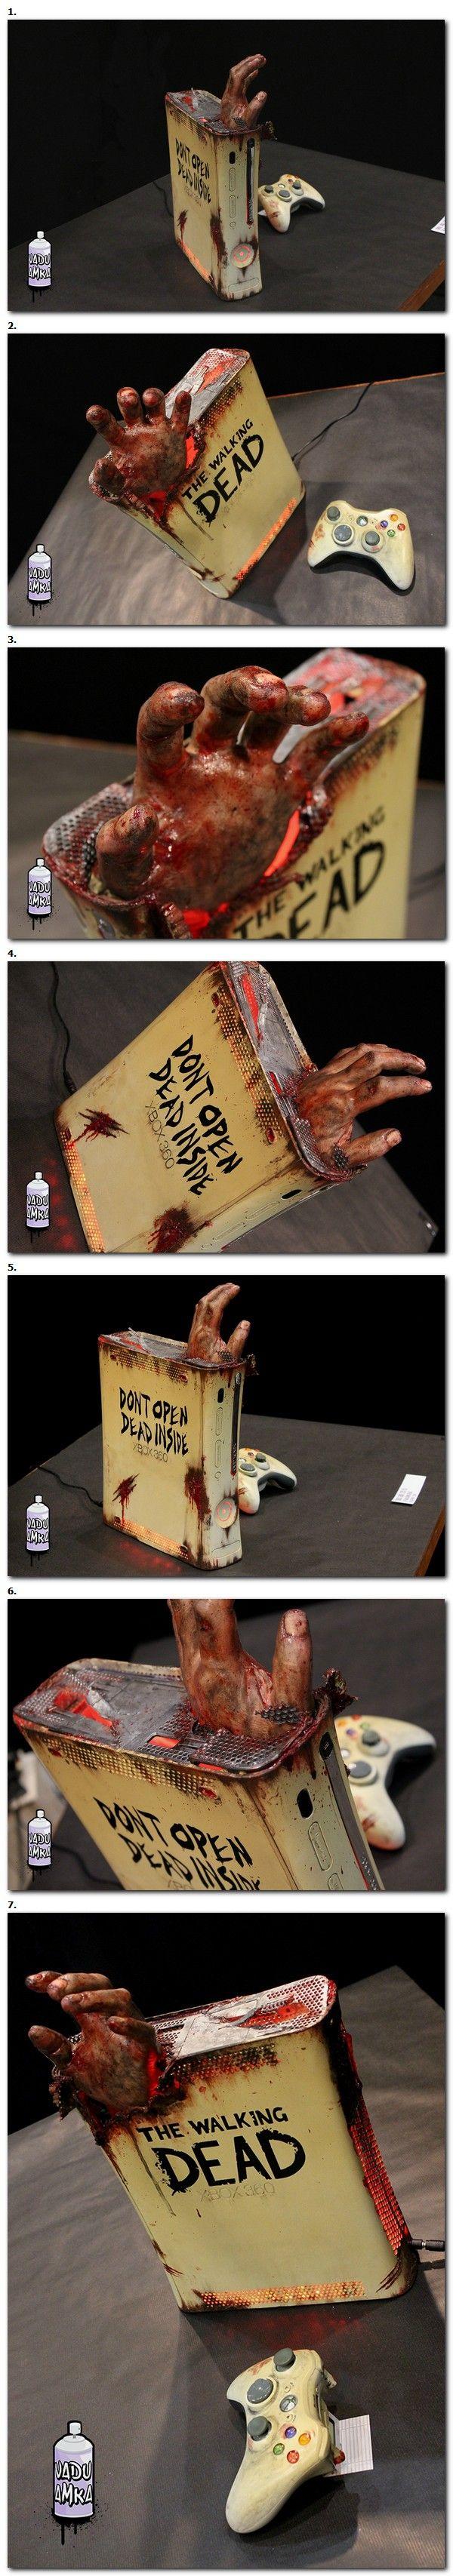 Walking Dead themed Xbox 360